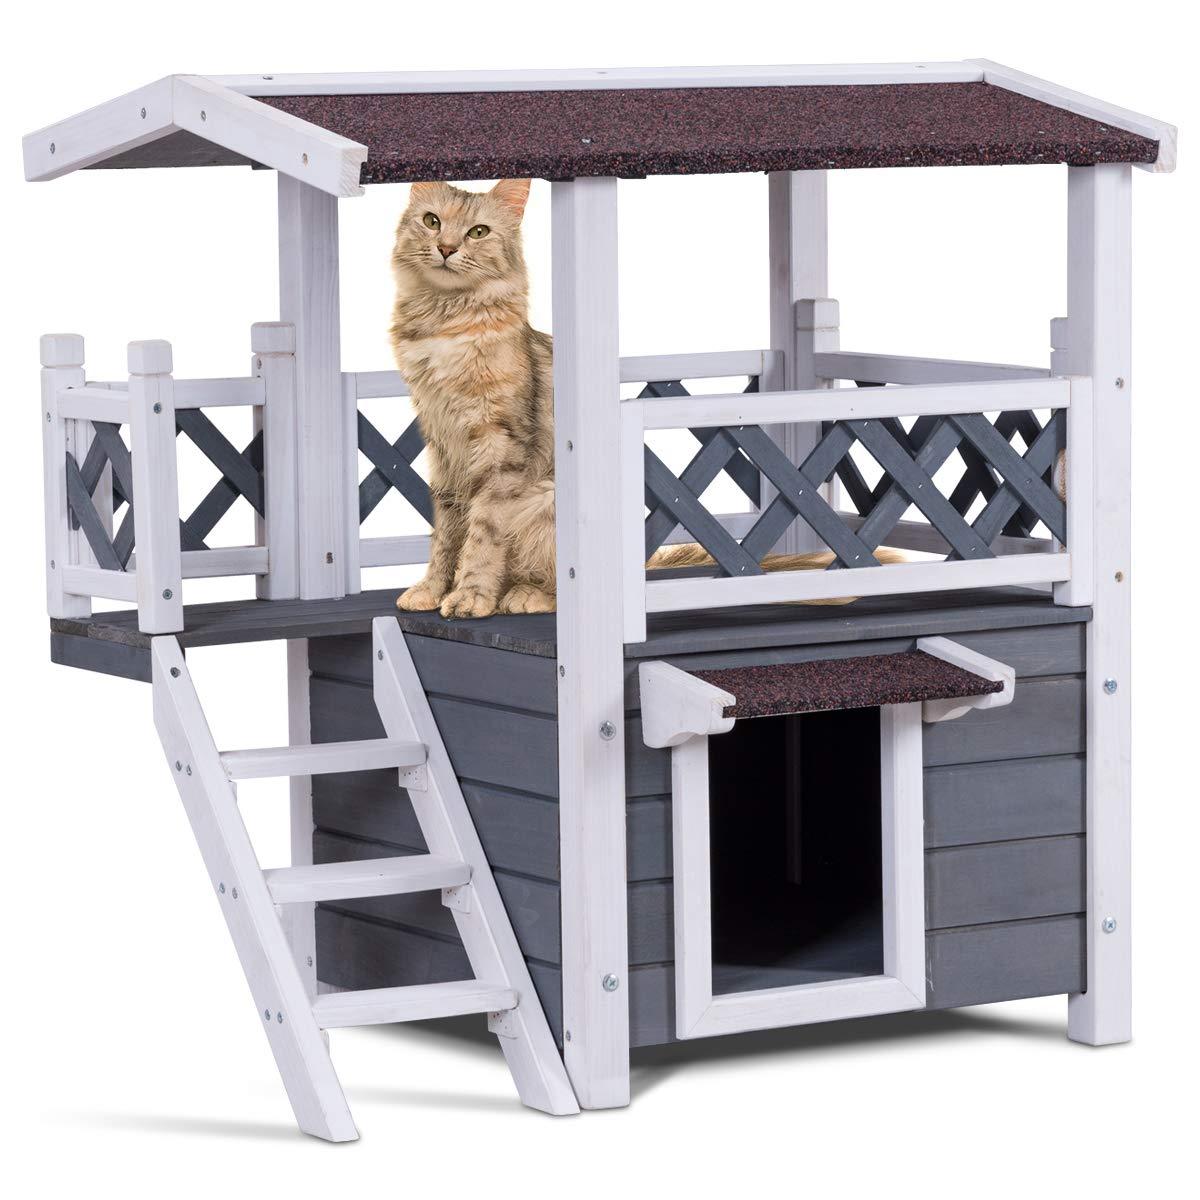 COSTWAY Casa para Gatos de Madera Caseta para Gatos con Terraza y Escalera 70,5 x 54 x 73,5 Centímetros Impermeable para Jardín Patio Exterior: Amazon.es: Productos ...